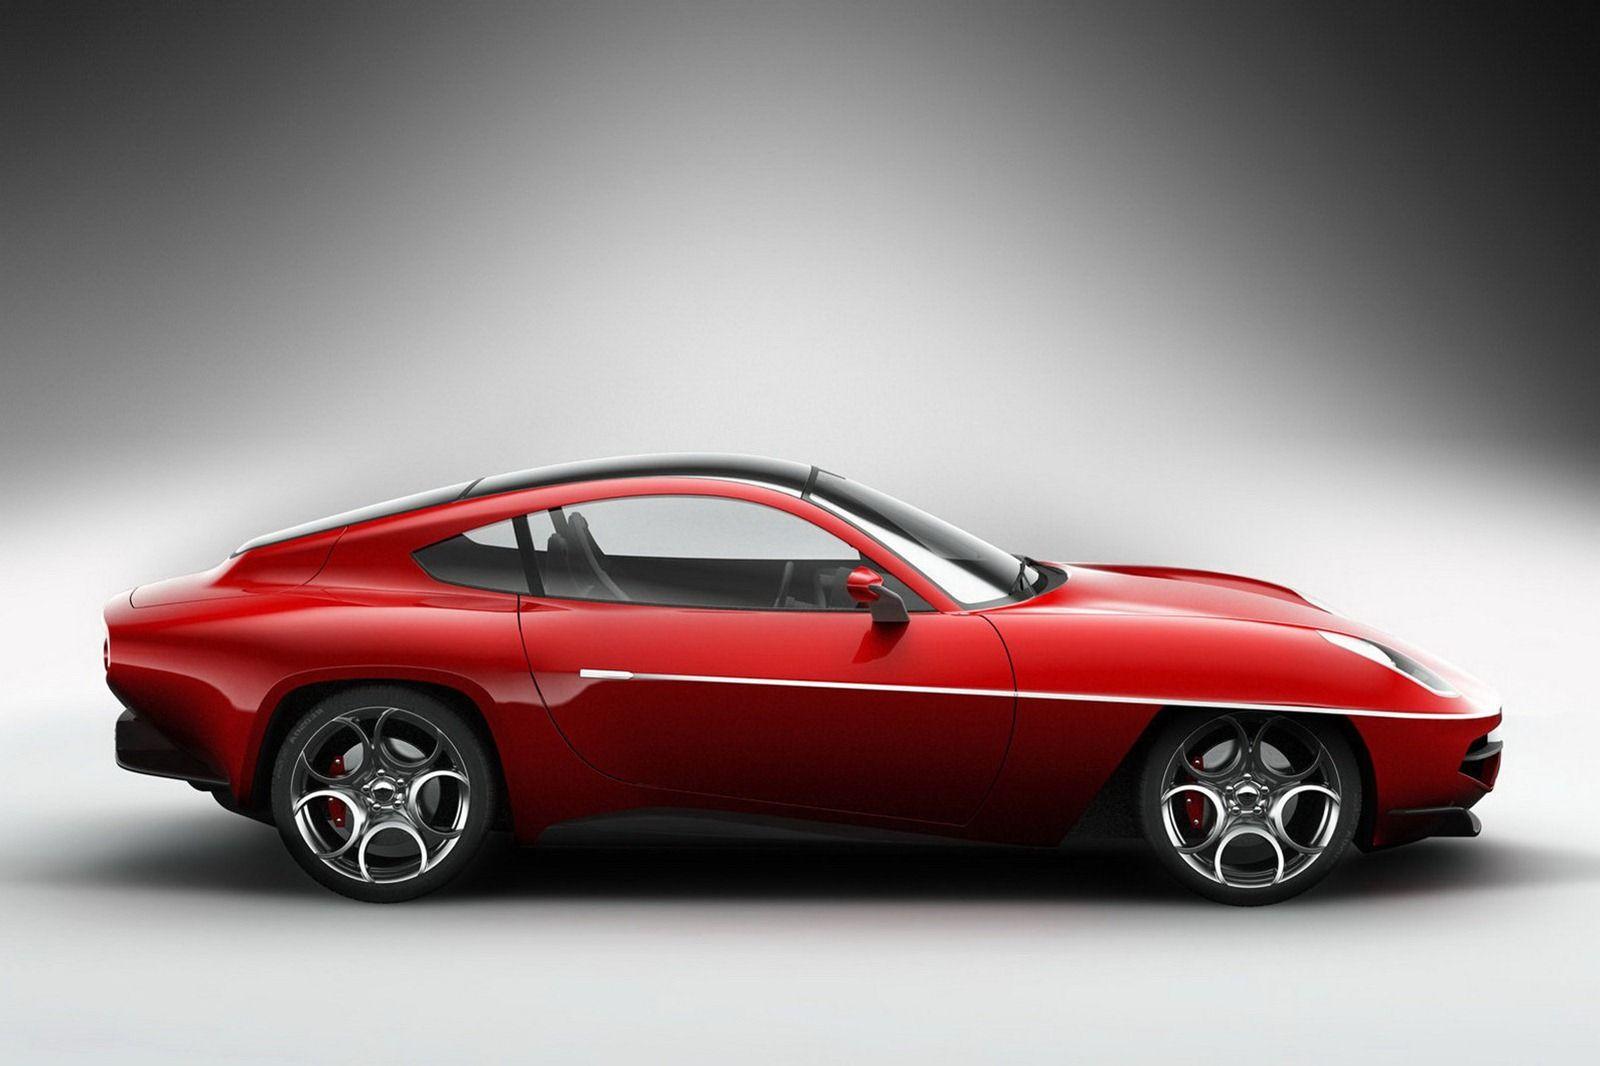 1950 S Alfa Romeo Disco Volante Reborn As An 8c Competizione Based Limited Production Model Carscoops Alfa Romeo Disco Volante Alfa Romeo Superleggera